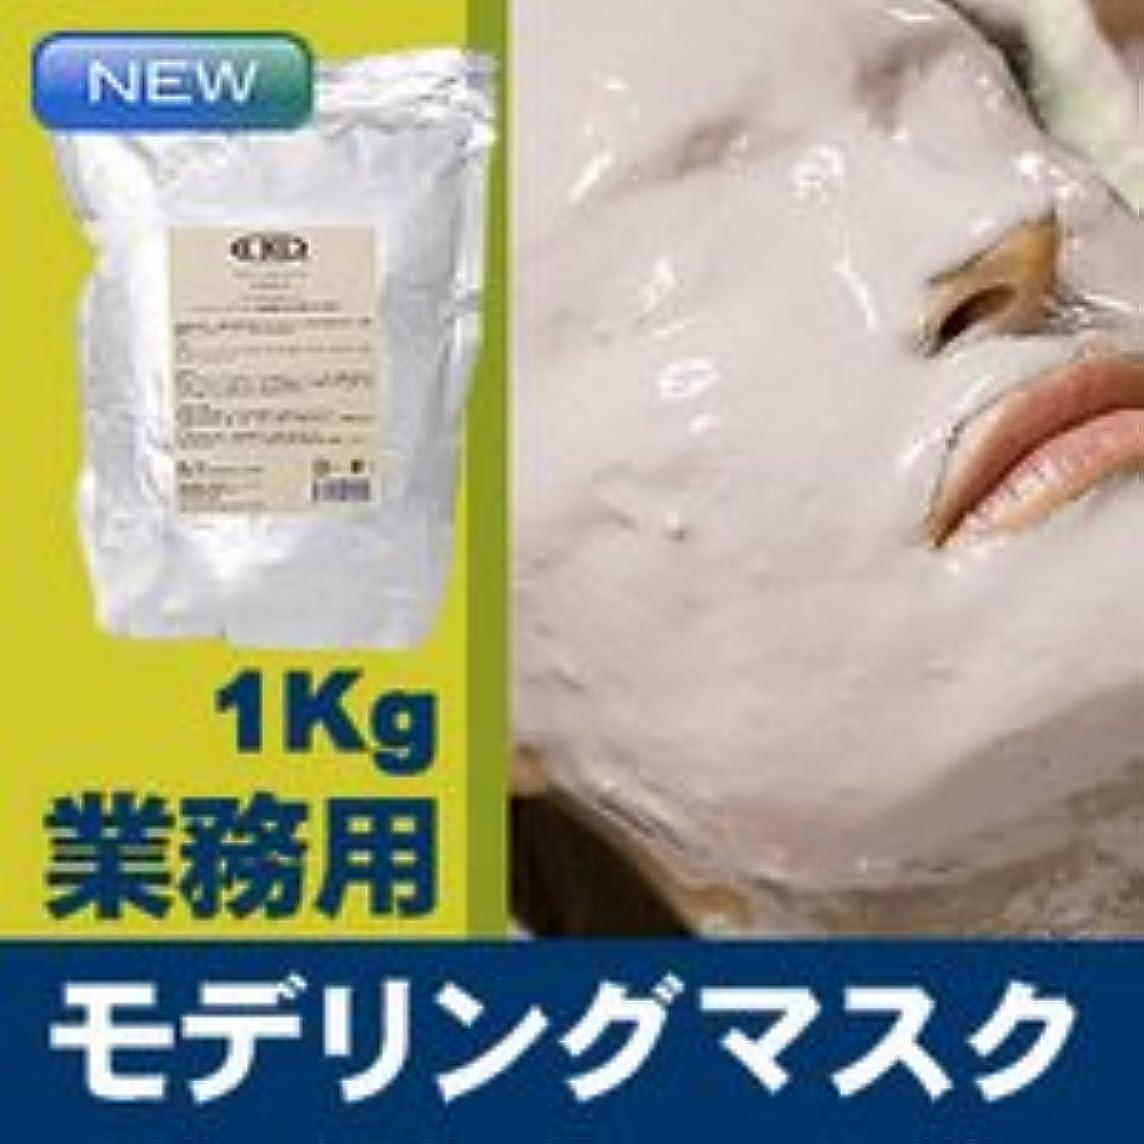 洗う知覚できる省モデリングマスク 1Kg ビタミンC配合(ゴールデンオレンジ) / フェイスマスク?パック 【ピールオフマスク】